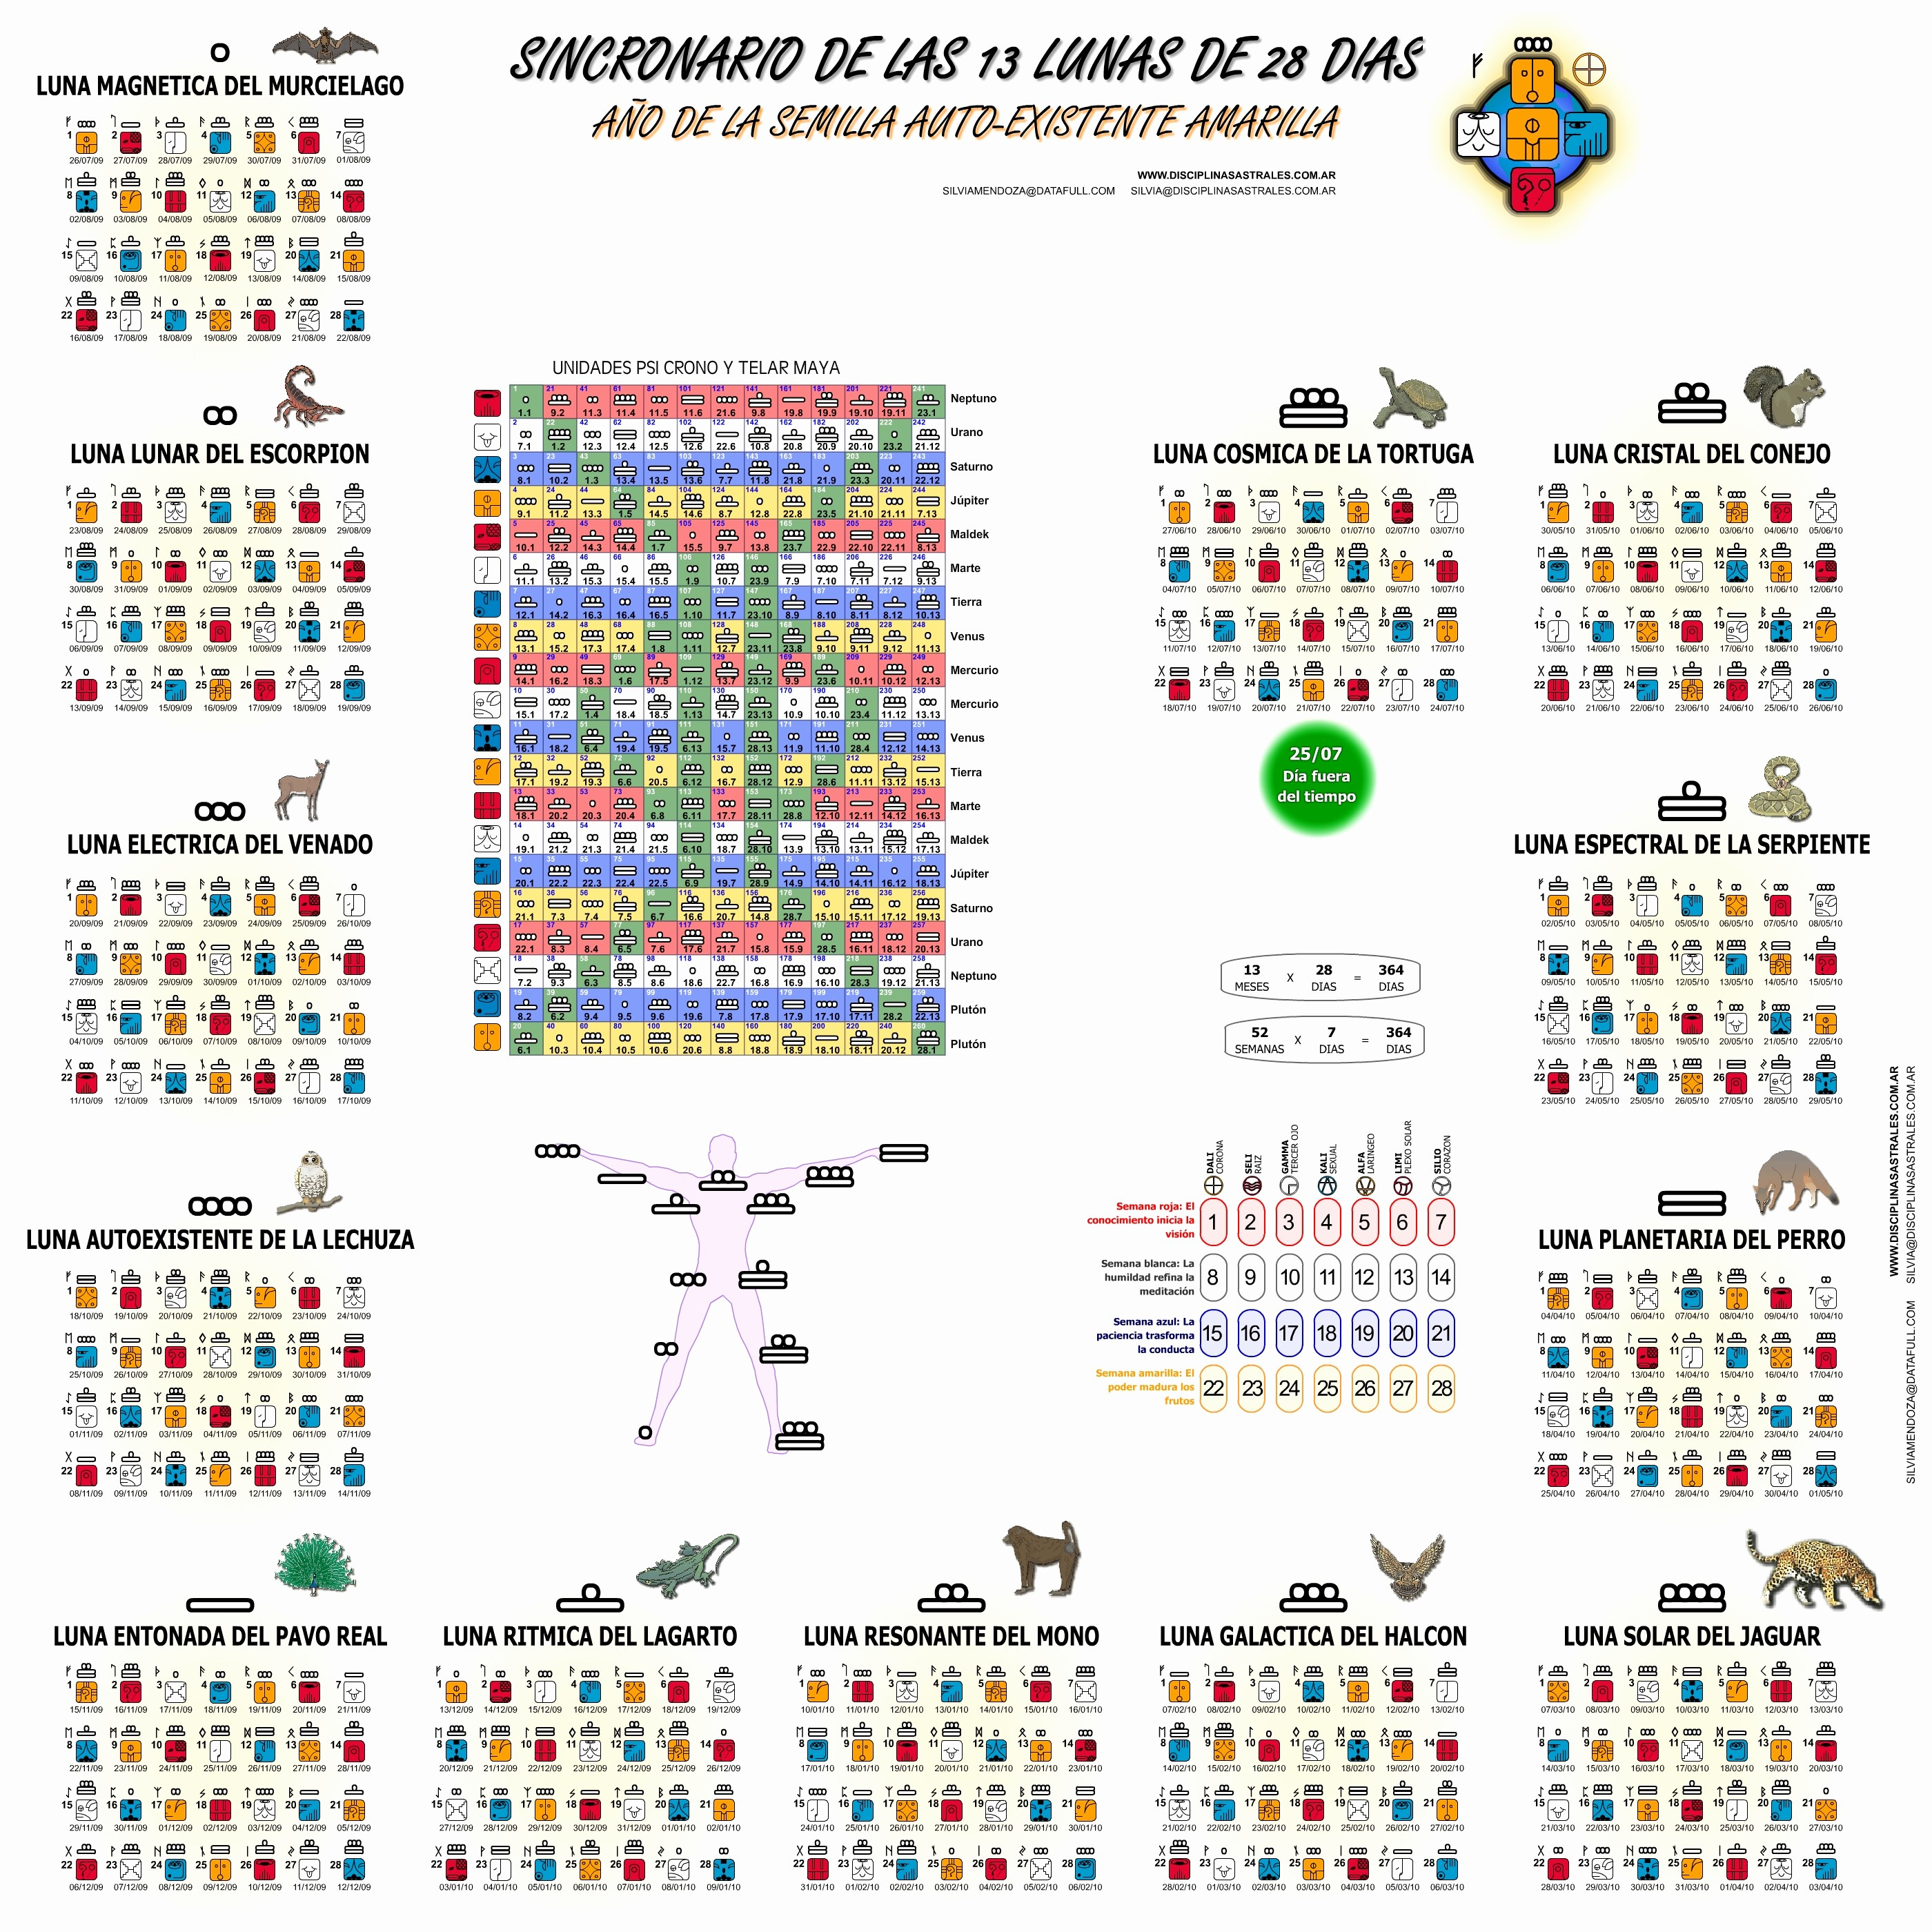 Calendario 2019 Con Feriados En Venezuela Más Arriba-a-fecha Calendario De Las 13 Lunas 2019 Calendario 2019 Calendarium En Of Calendario 2019 Con Feriados En Venezuela Más Actual Calendario Dr 2019 Calendario Colombia Ano 2019 Feriados